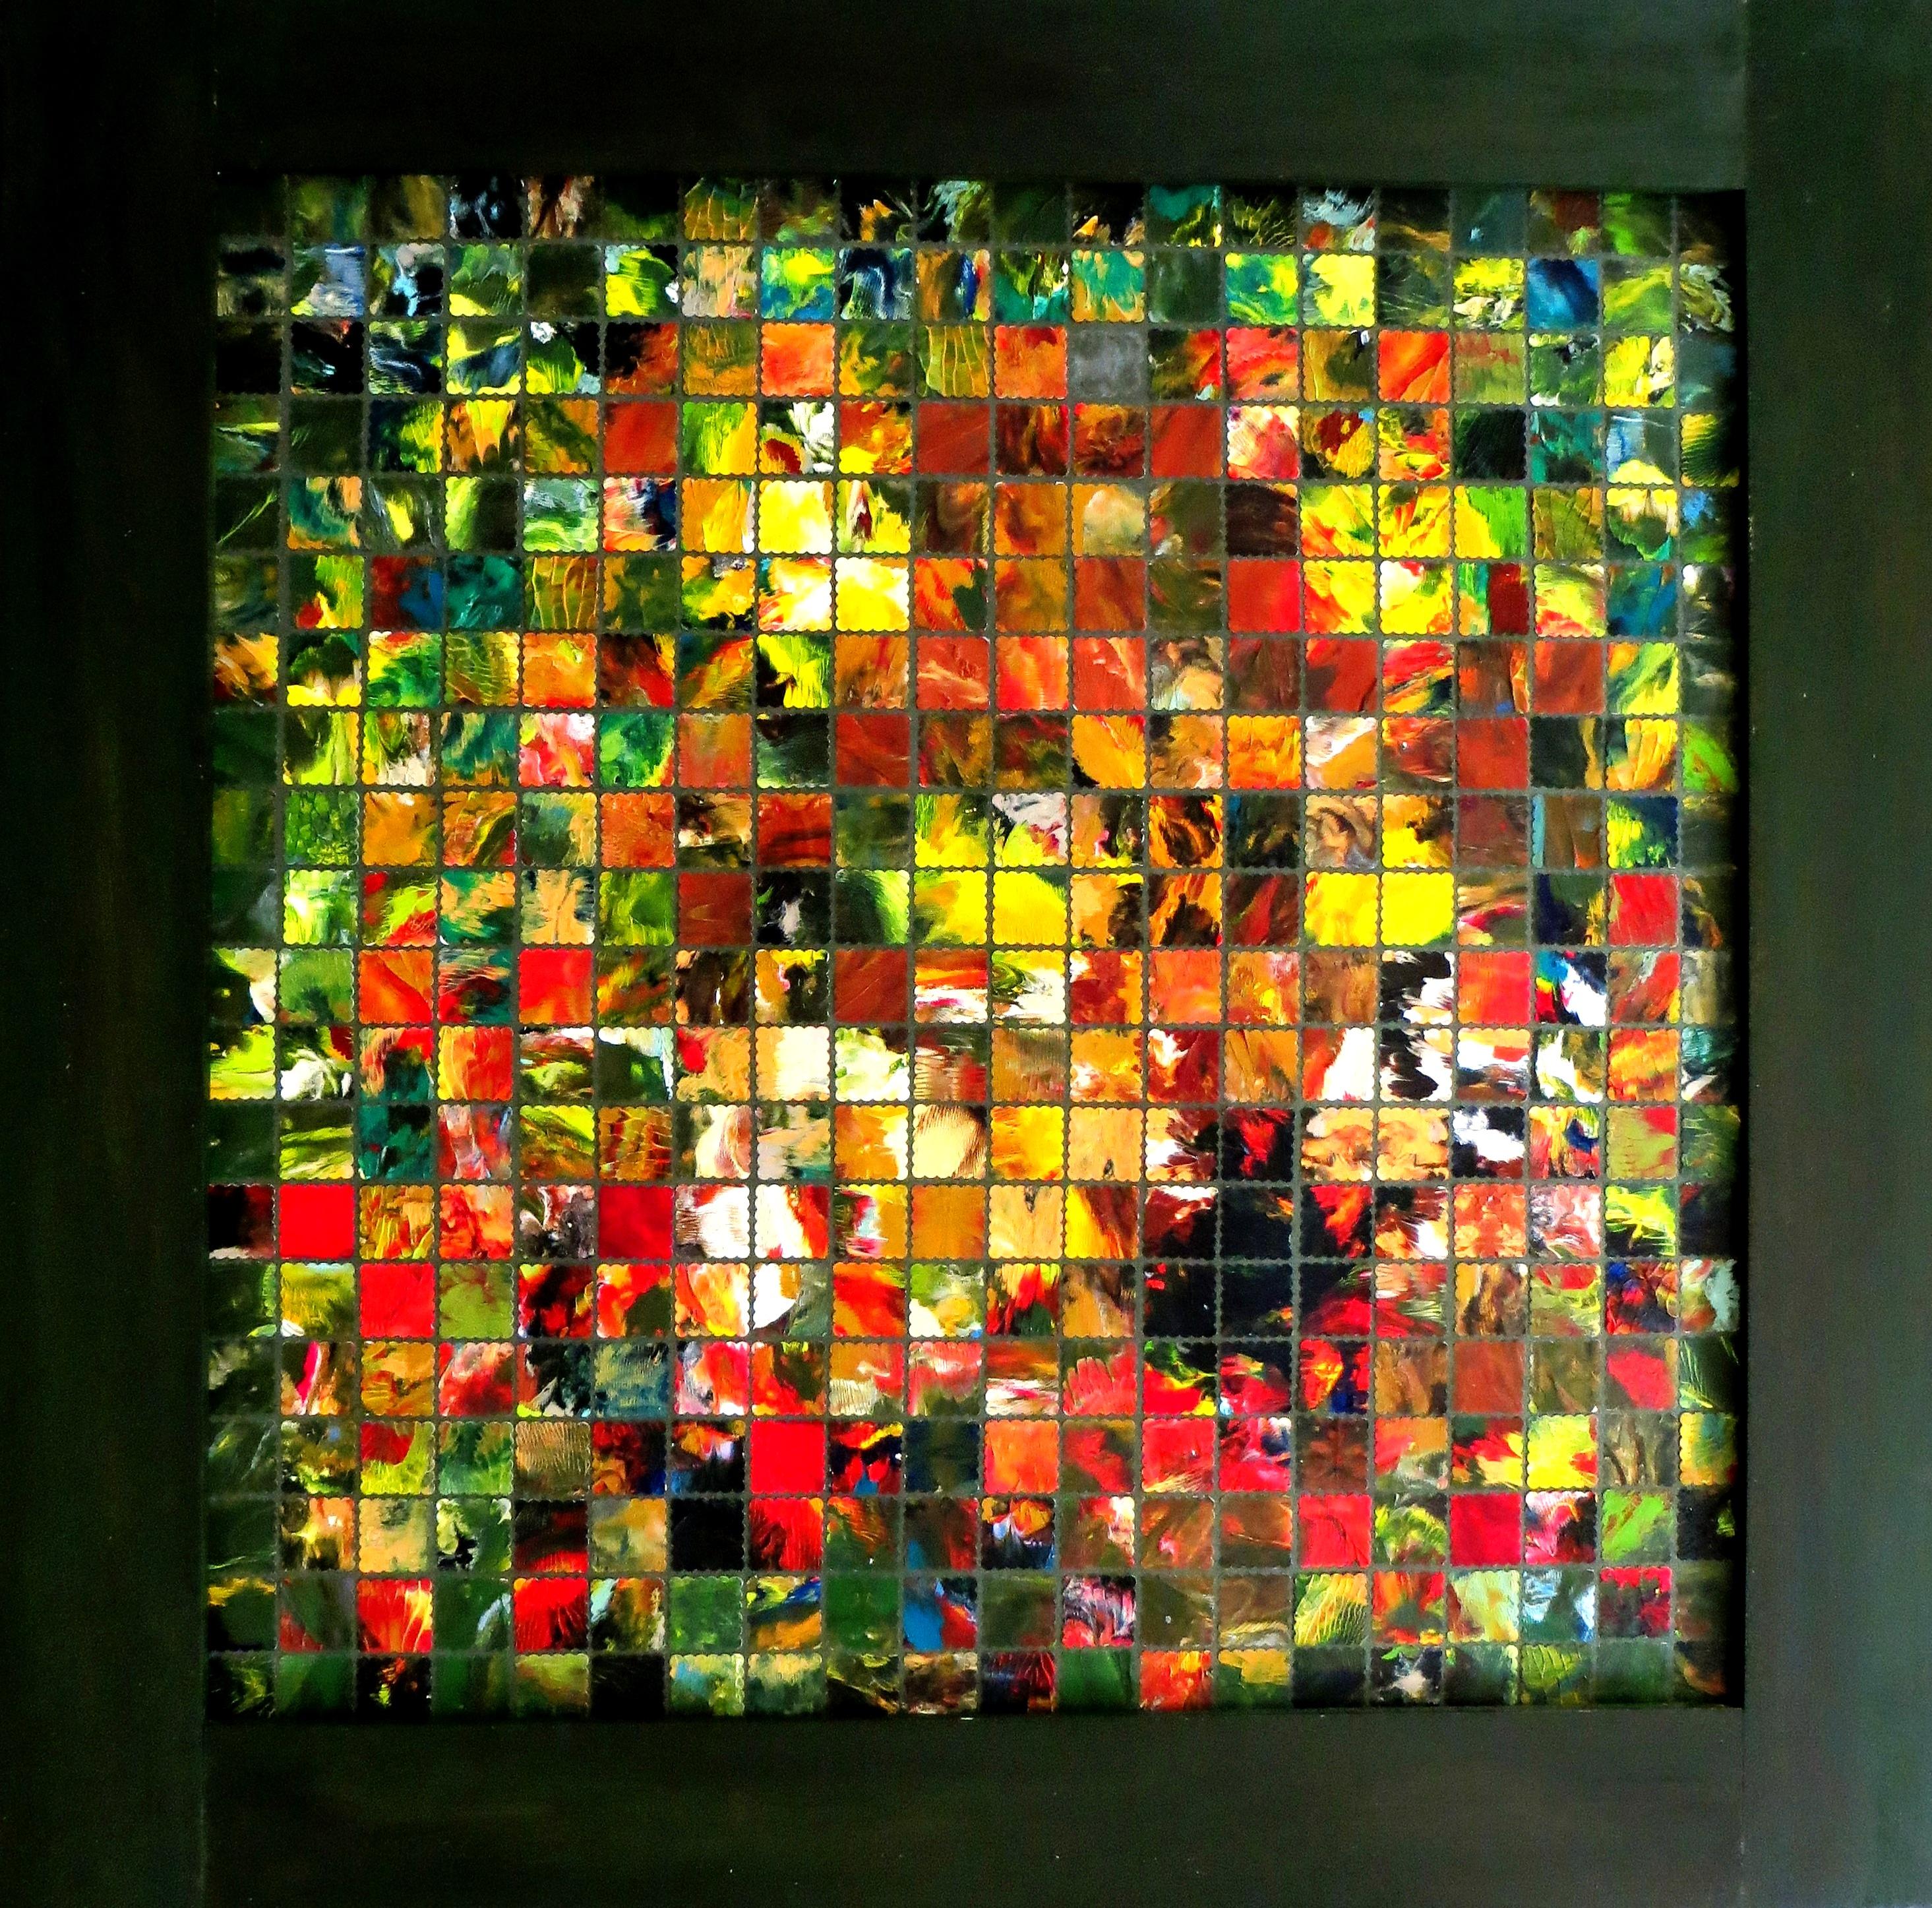 Wolf (78x78) Art in Art